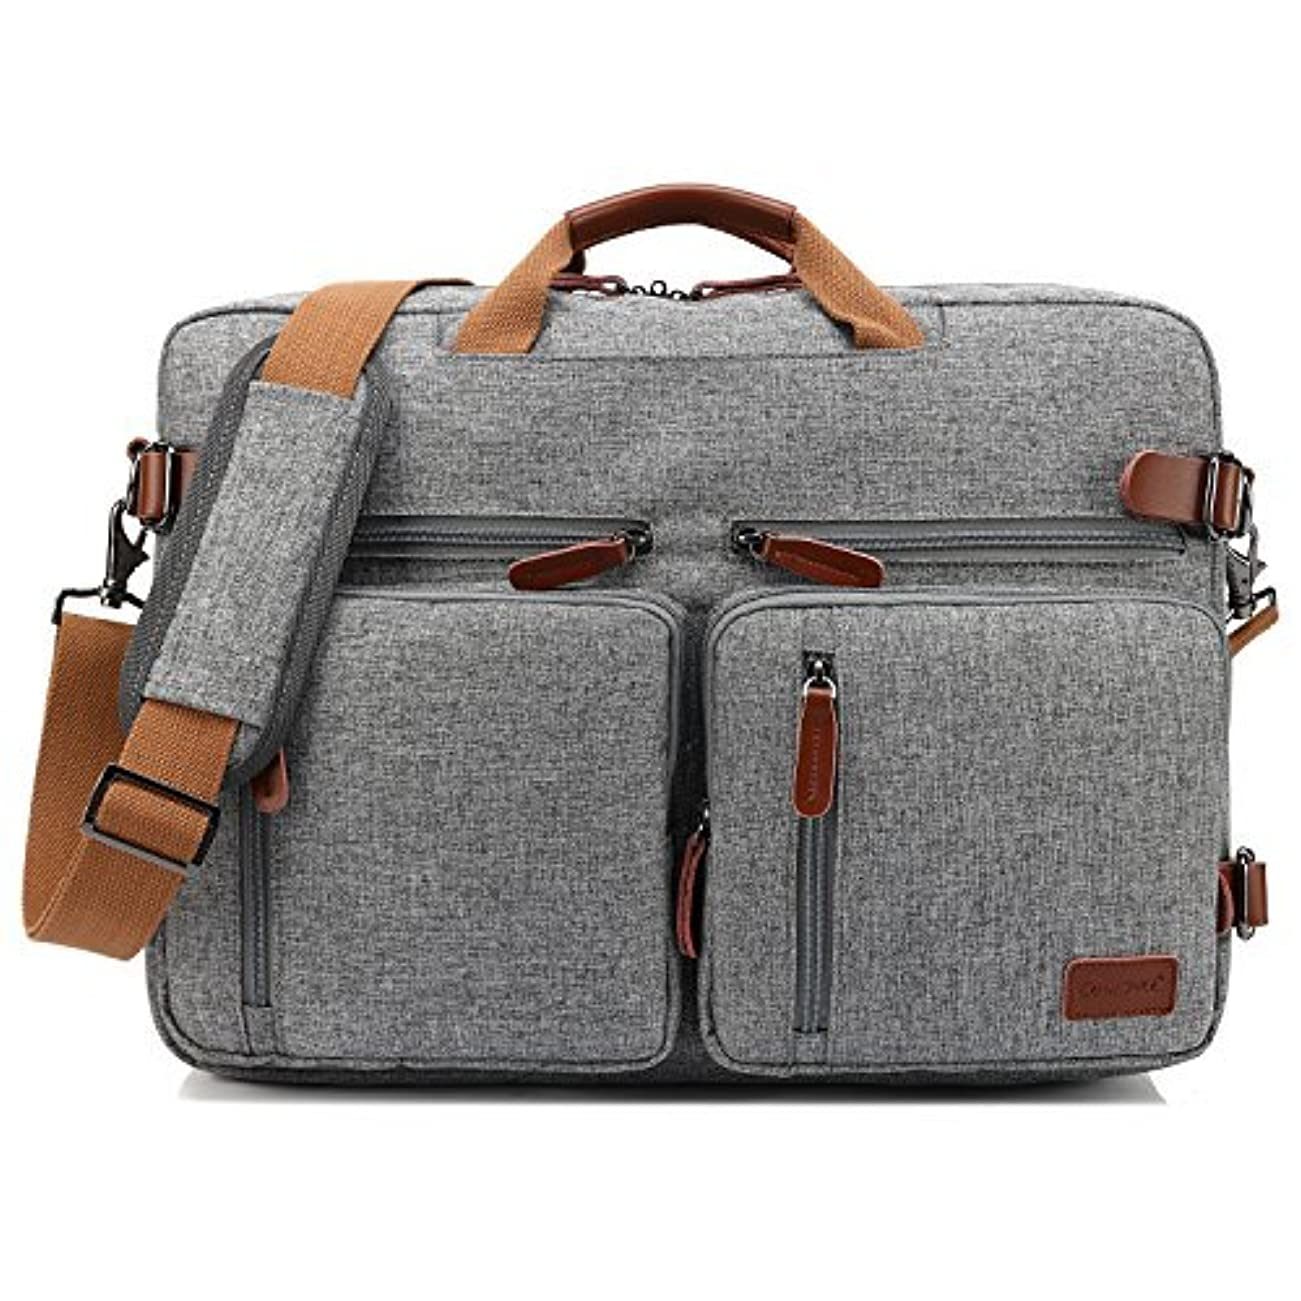 予防接種するマトリックス雑多なCoolBELL Convertible Backpack Messenger Bag Shoulder bag Laptop Case Handbag Business Briefcase Multi-functional Travel Rucksack Fits 17.3 Inch Laptop For Men / Women (Grey) [並行輸入品]